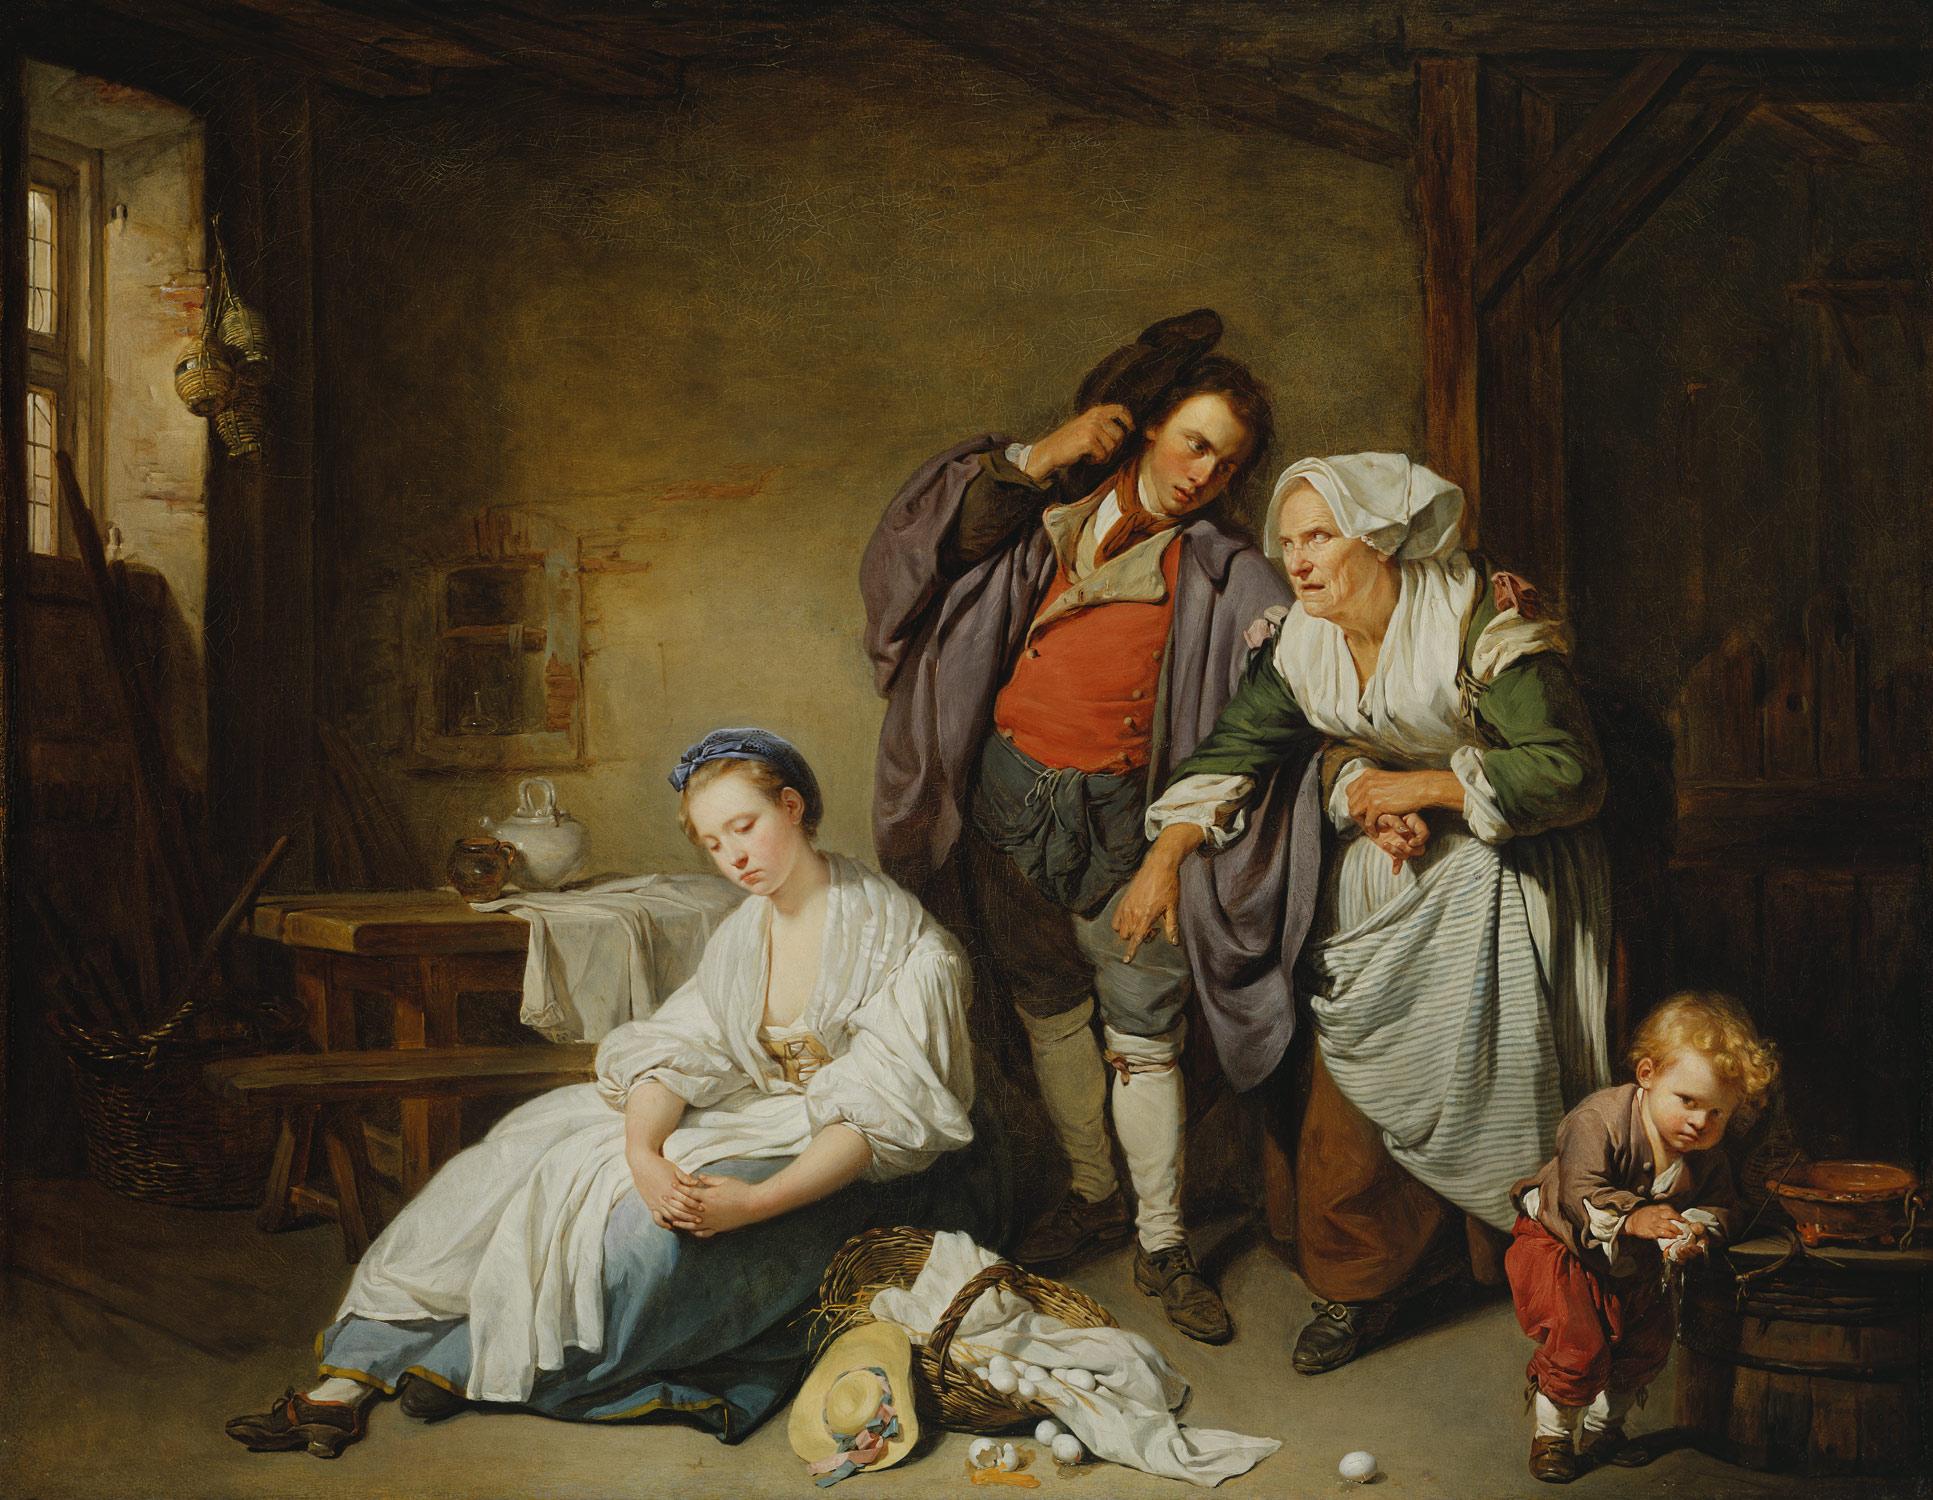 Greuze 1757 Les oeufs casses - MET